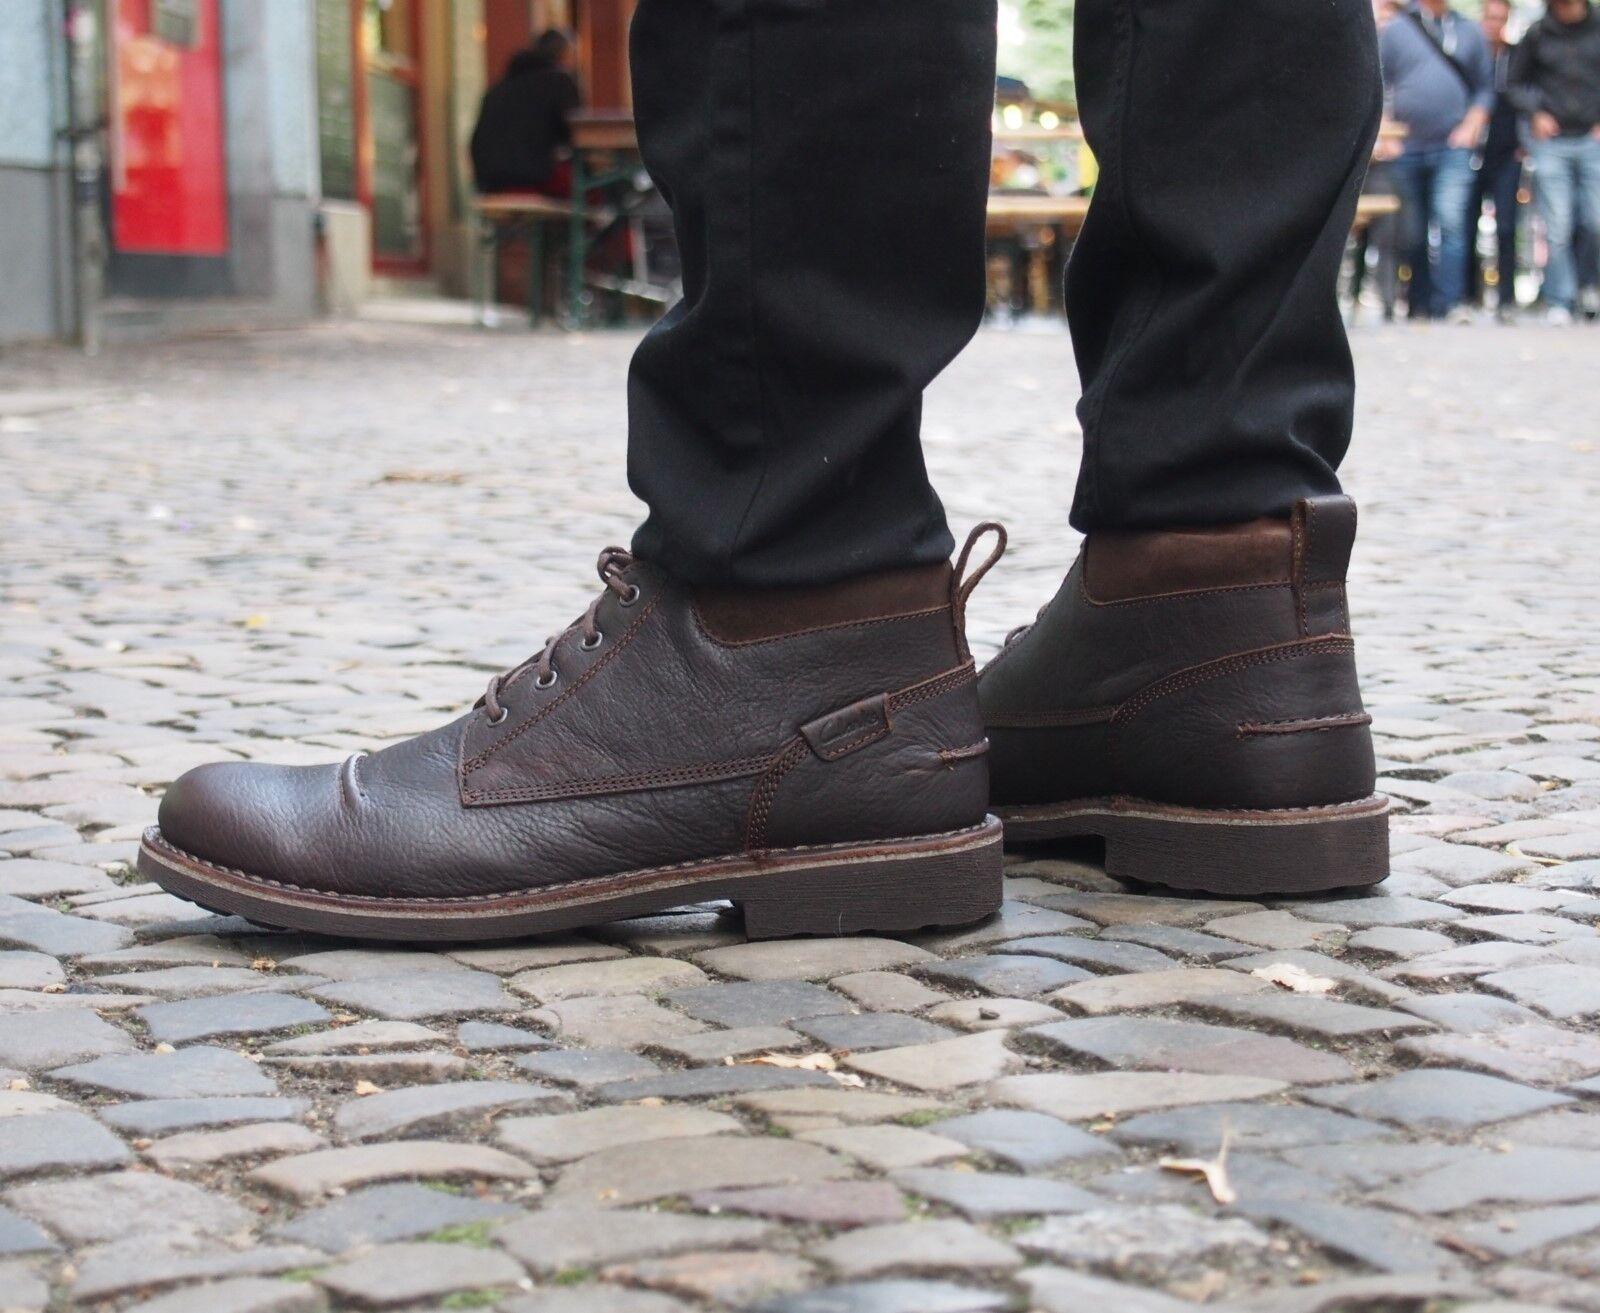 Clarks Originals Schuh Lawes Lawes Lawes Top brown Echtleder Herrenschuh Schnürboot neu SALE c4476f